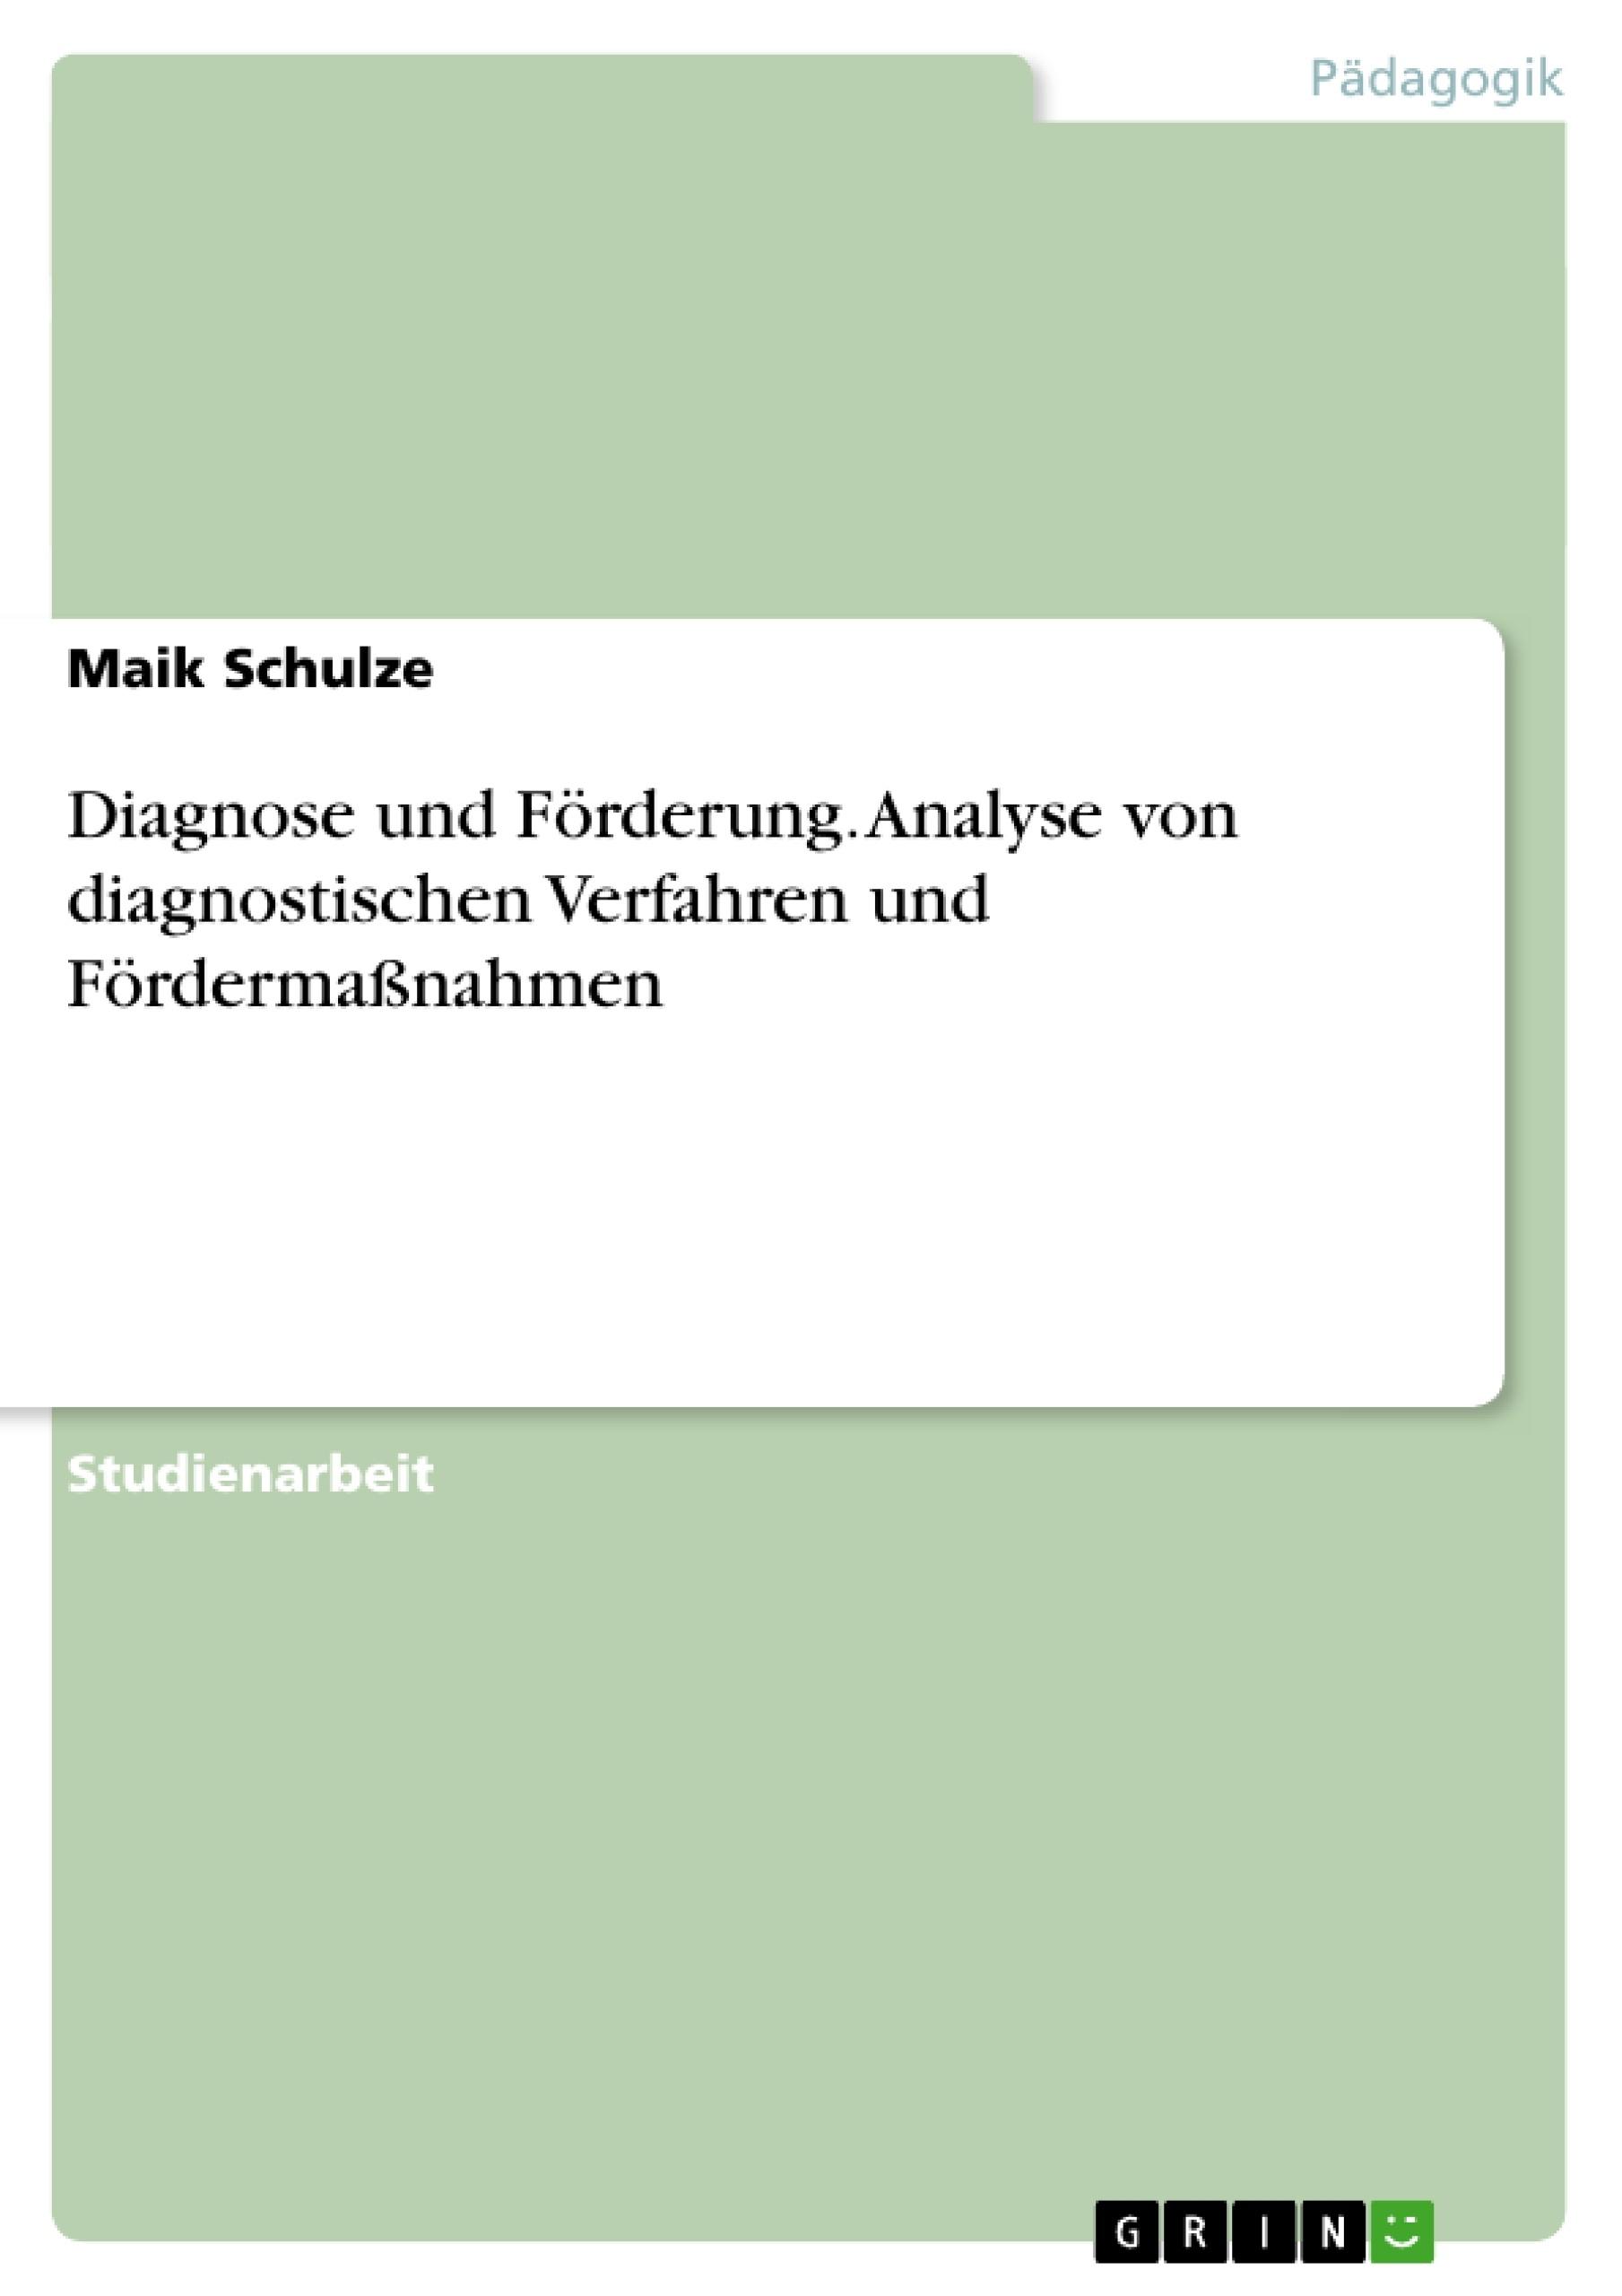 Titel: Diagnose und Förderung. Analyse von diagnostischen Verfahren und Fördermaßnahmen